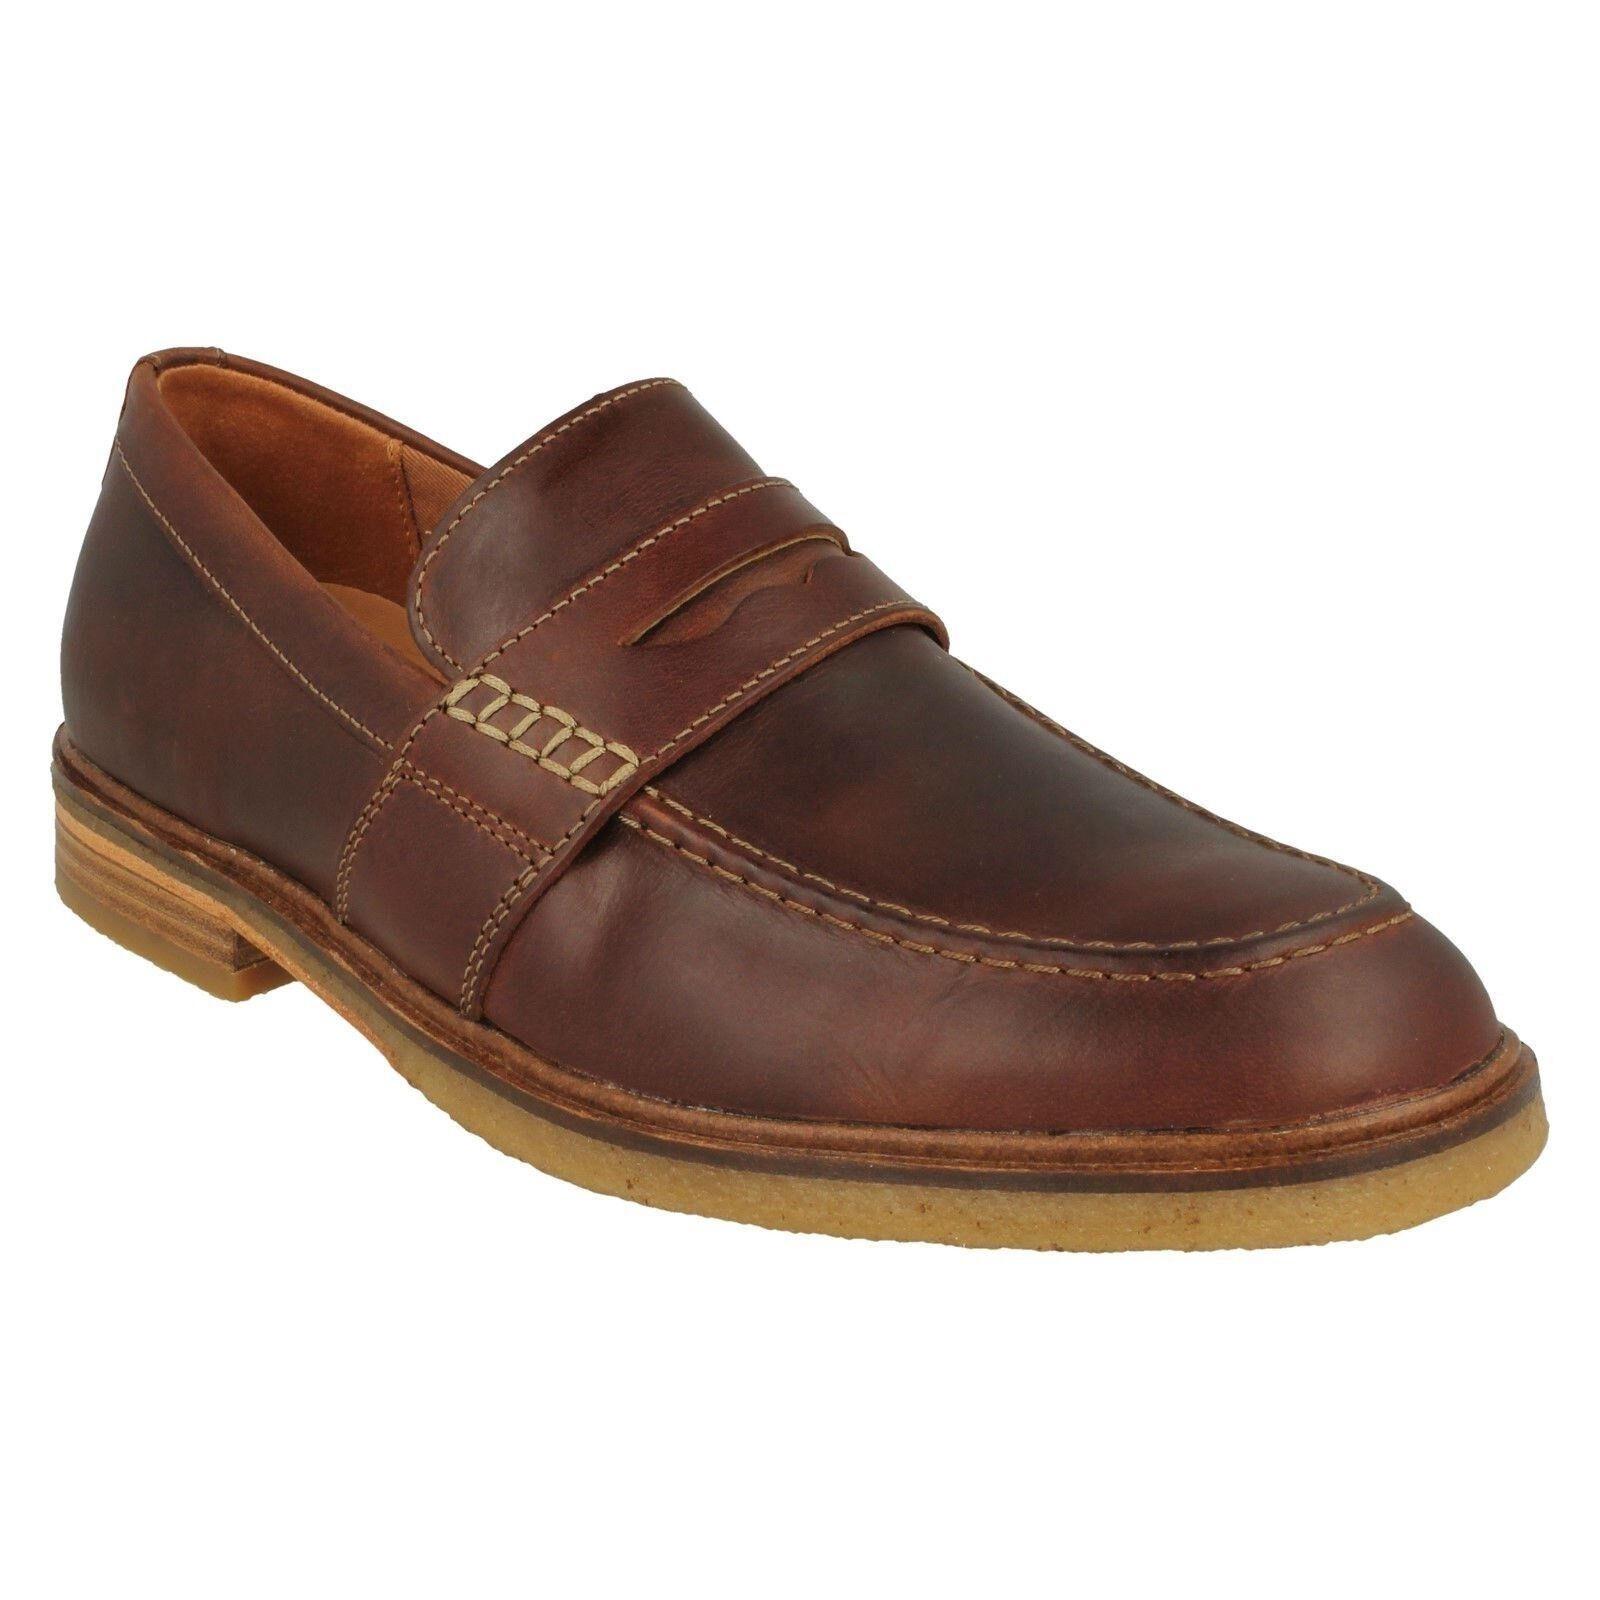 Clarks pour hommes Acajou Cuir à Enfiler Mocassin Décontracté Style chaussures